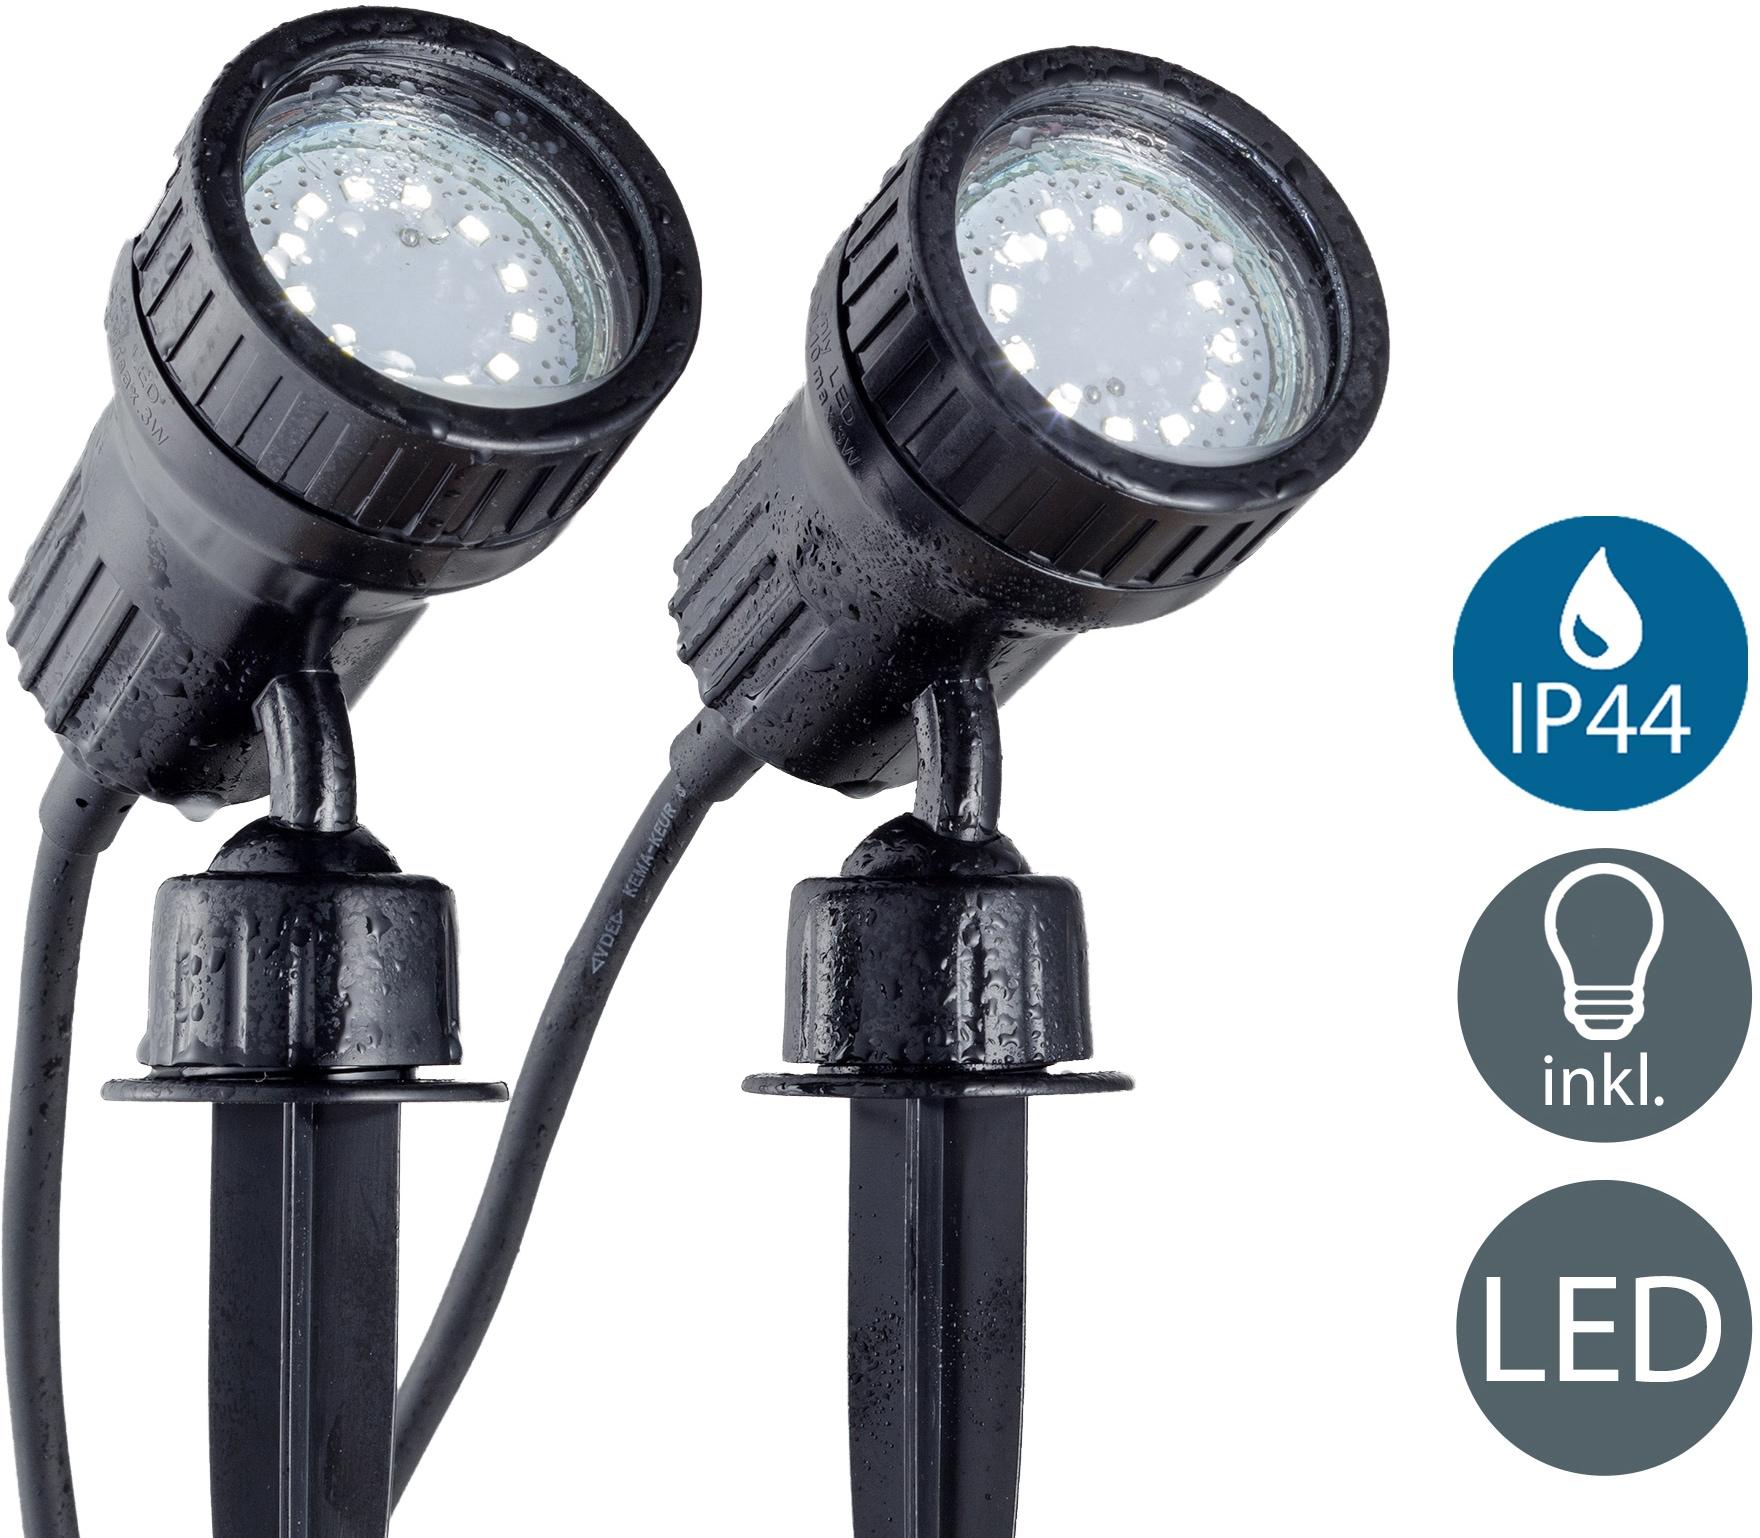 B.K.Licht LED Gartenleuchte Nima 2, GU10, 2 St., Warmweiß, LED Gartenstrahler Erdspieß IP44 Außenstrahler Strahler Spießstrahler 2er SET